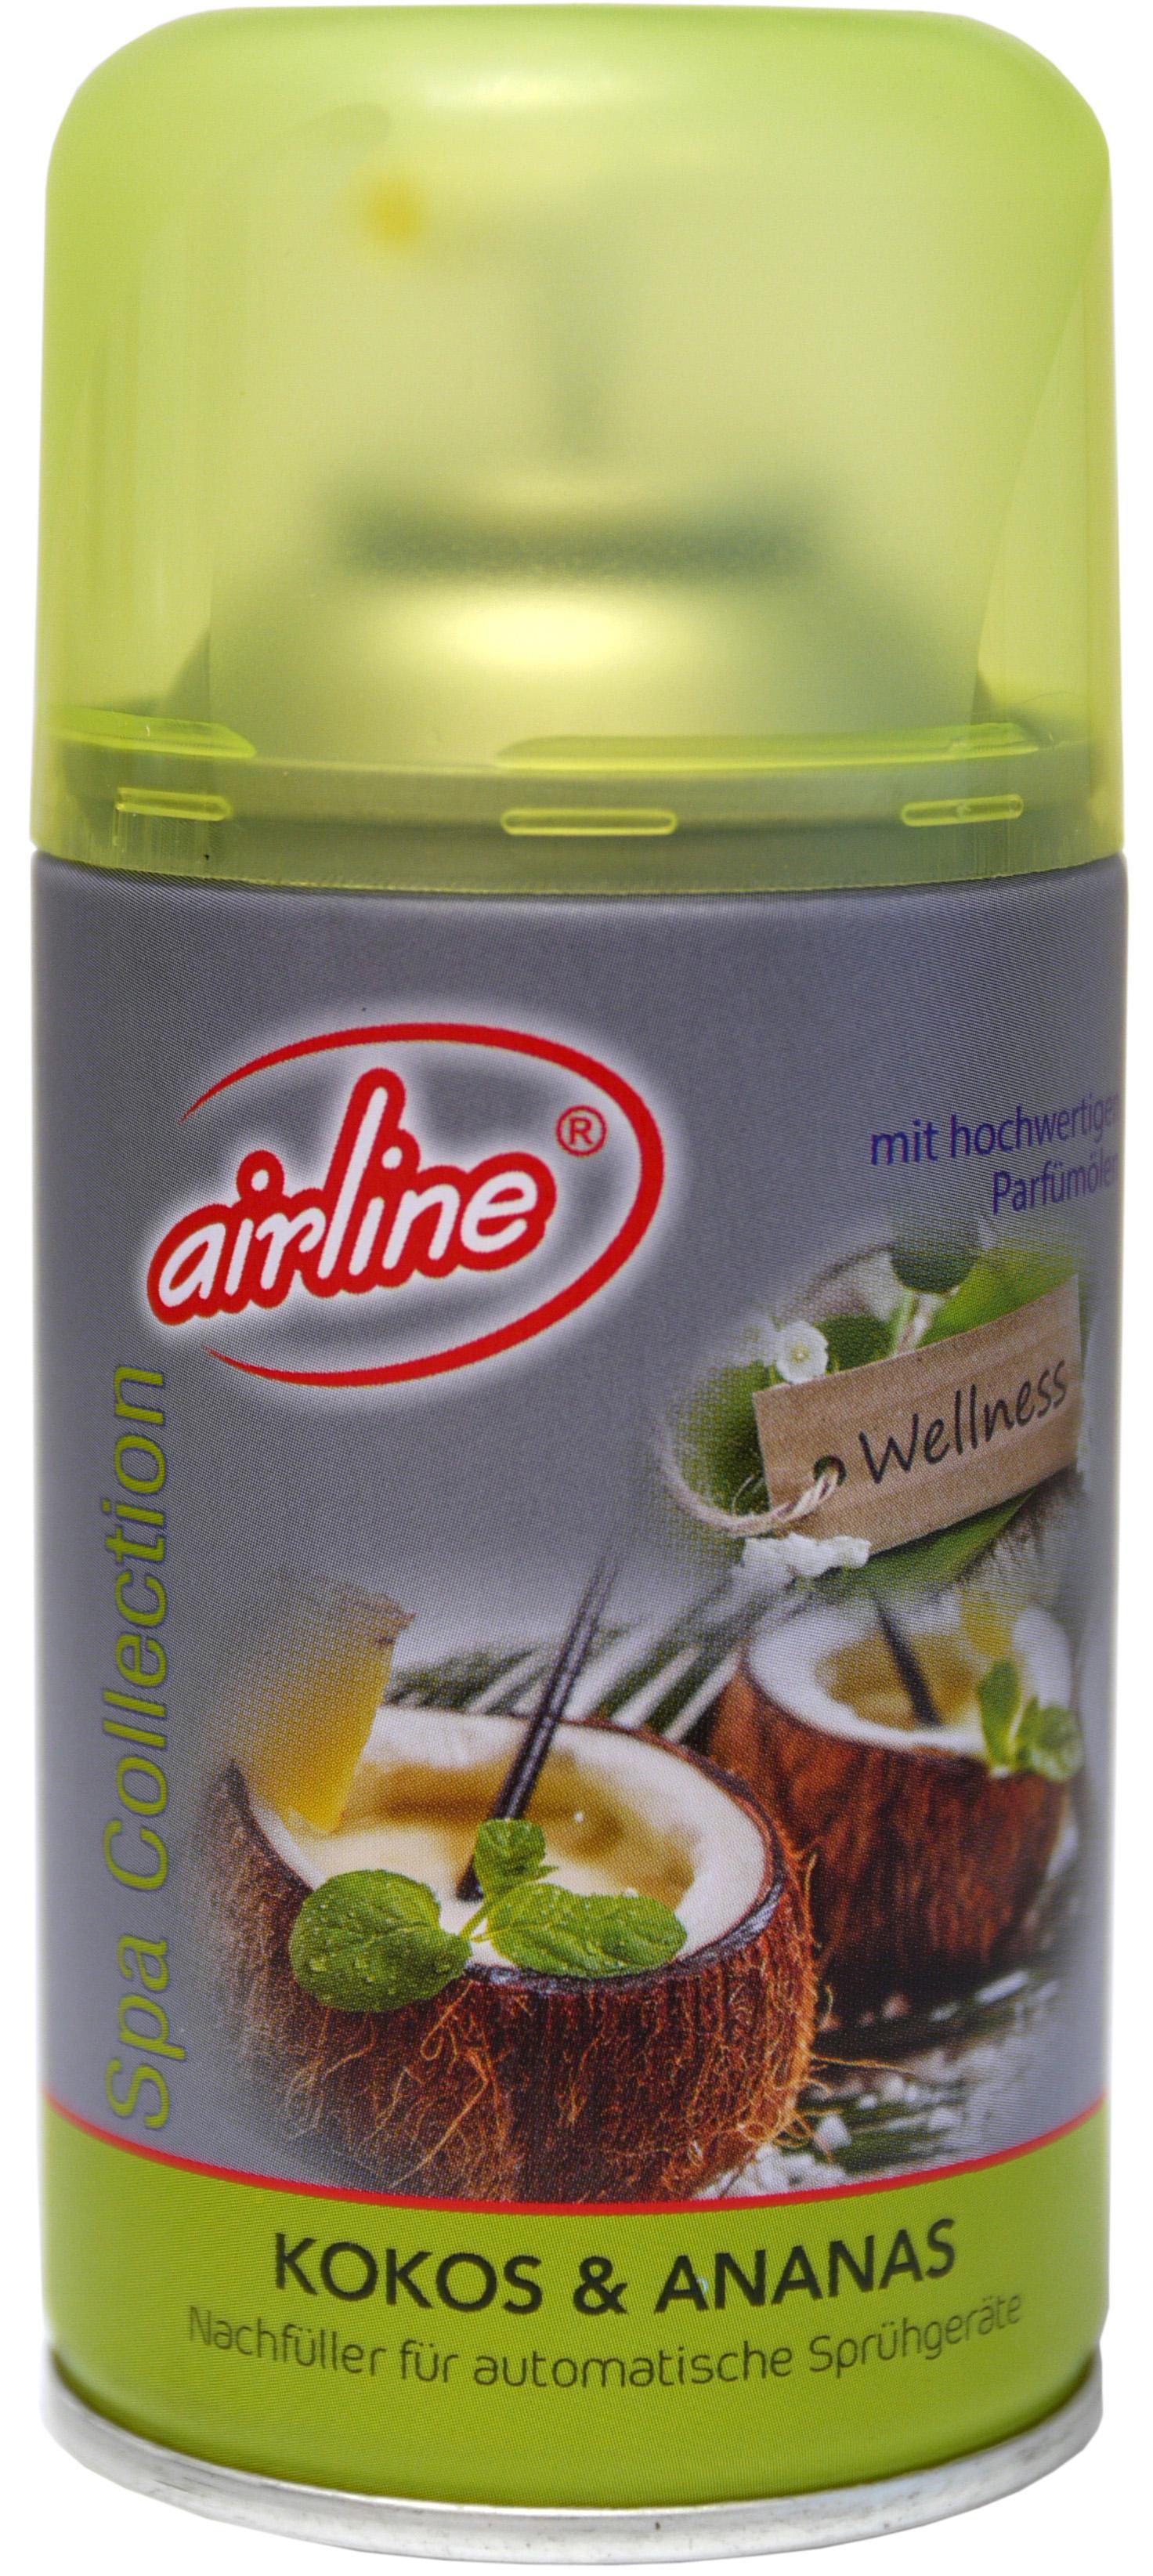 00520 - airline Spa Collection Kokos & Ananas Nachfüllkartusche 250 ml